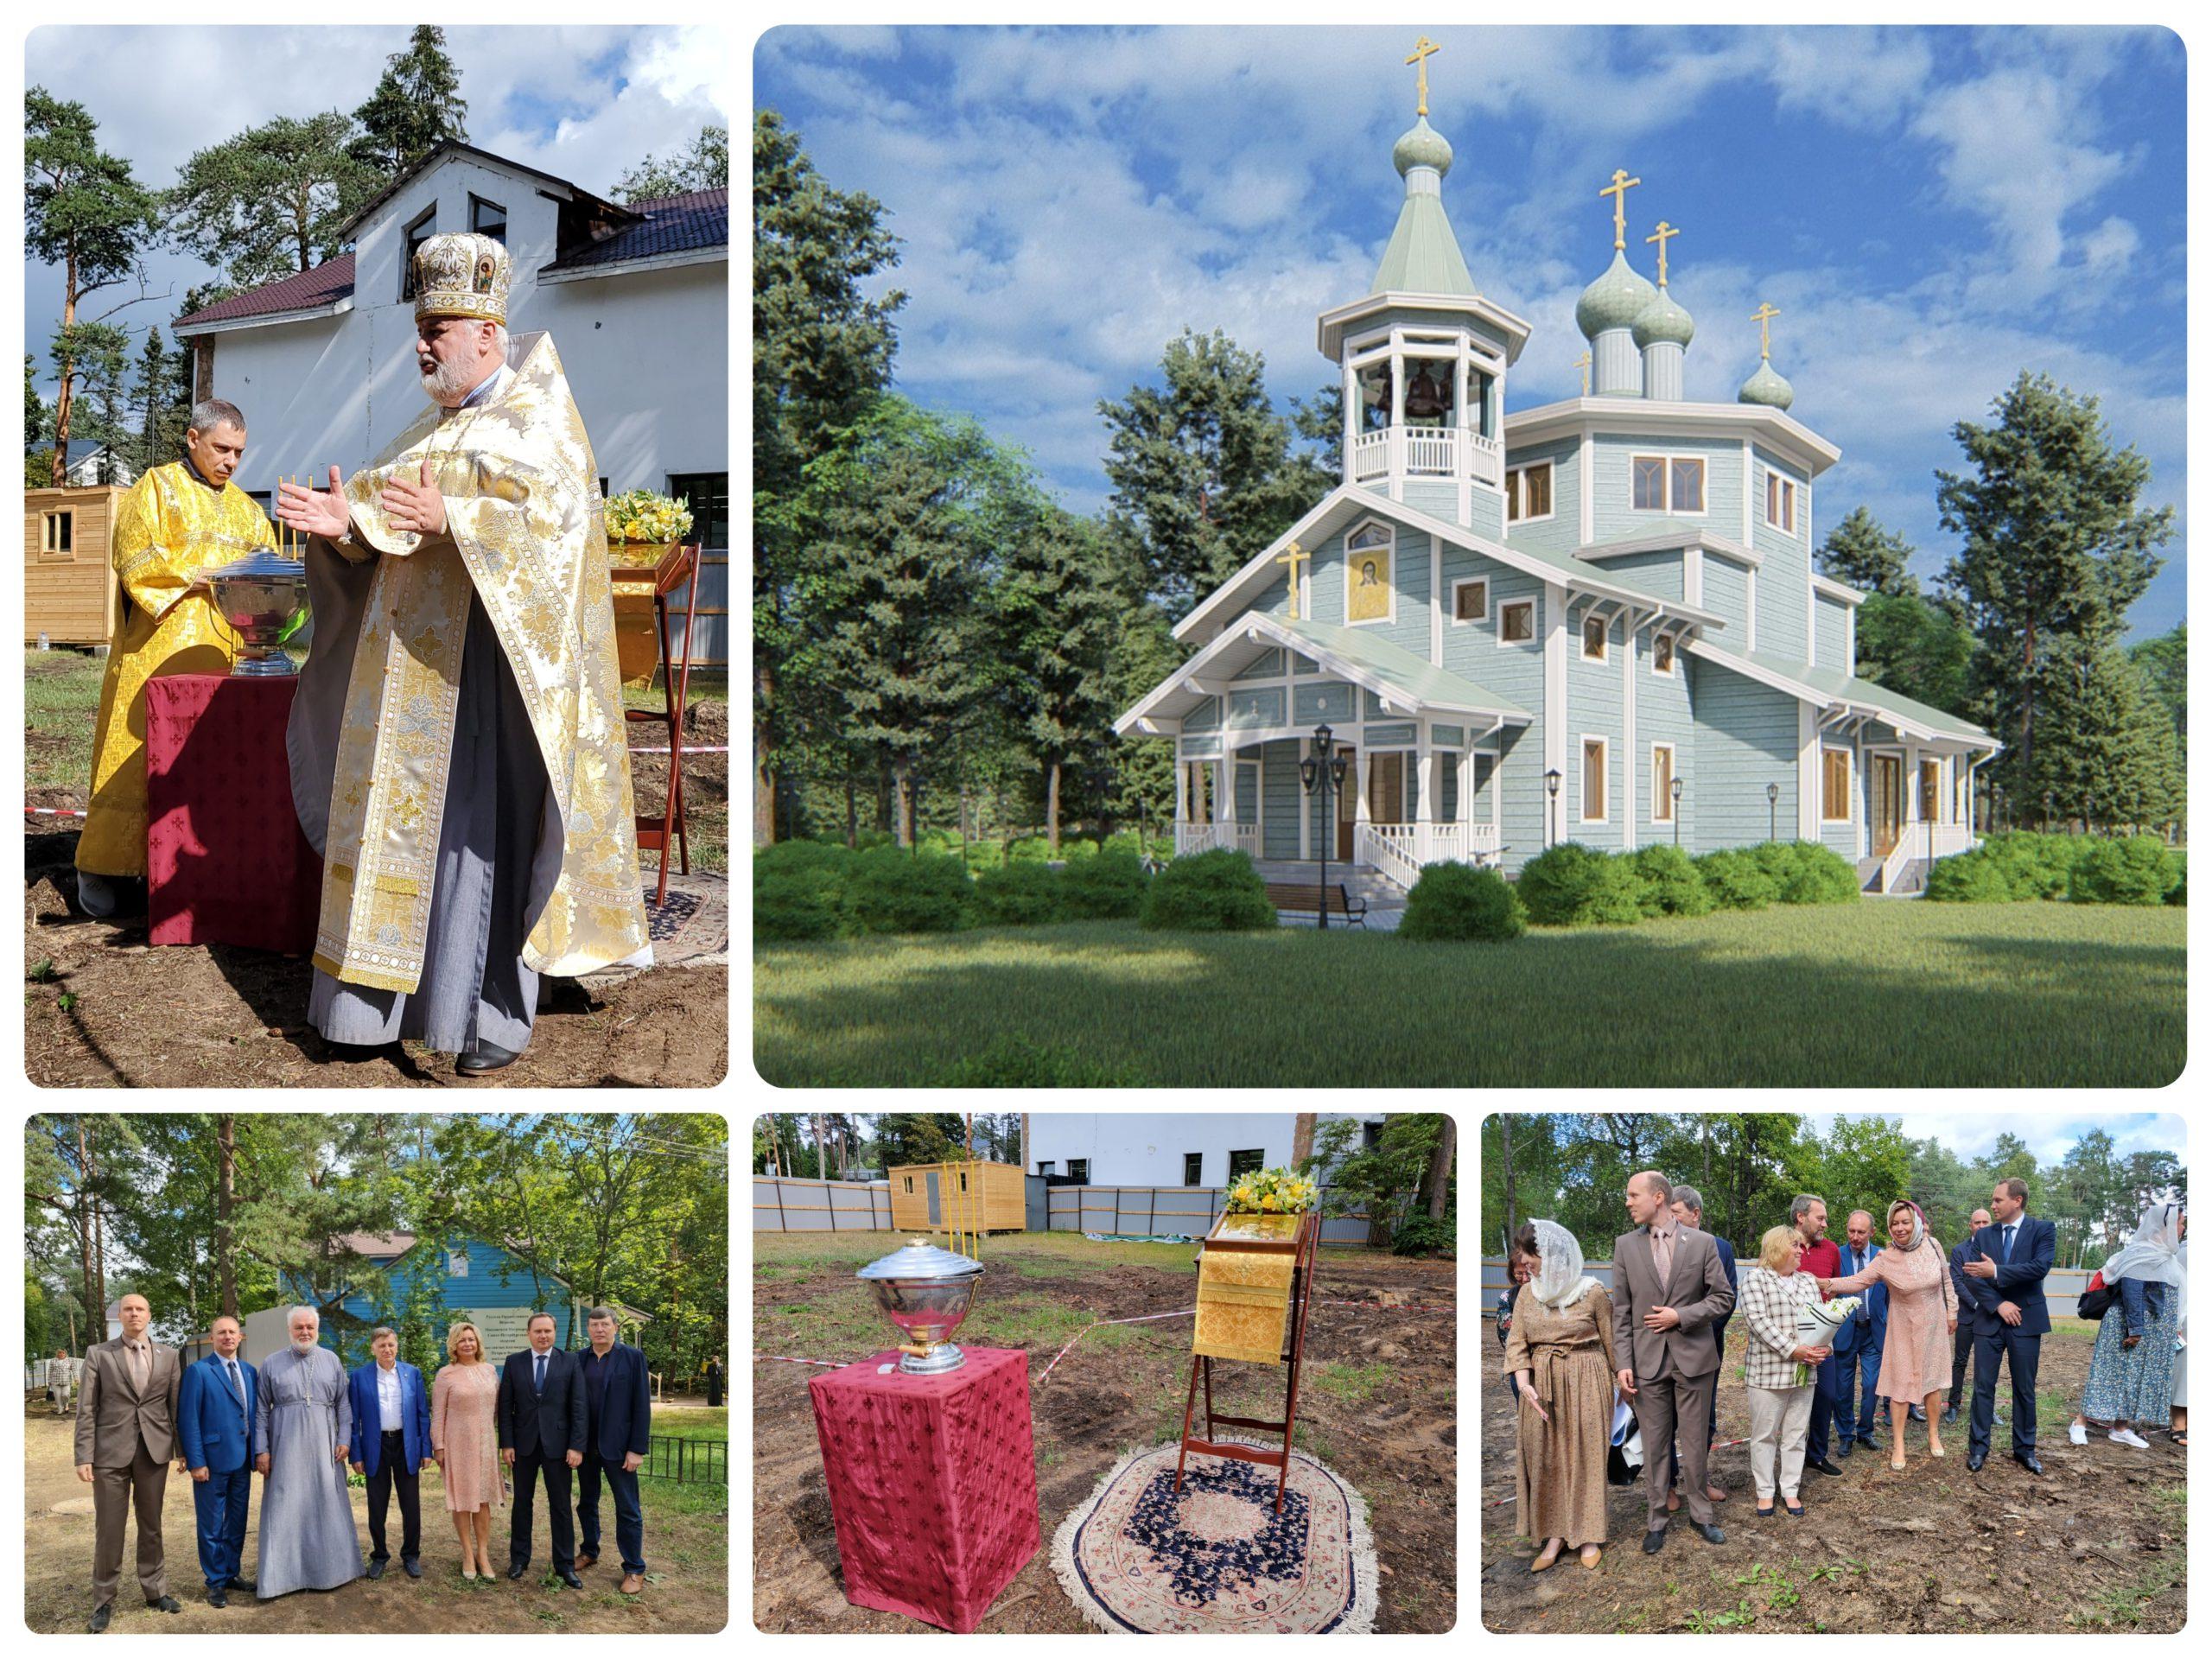 Пчёлы не против. Жители Курортного района приняли участие в освящении закладного камня нового храма в поселке Солнечное